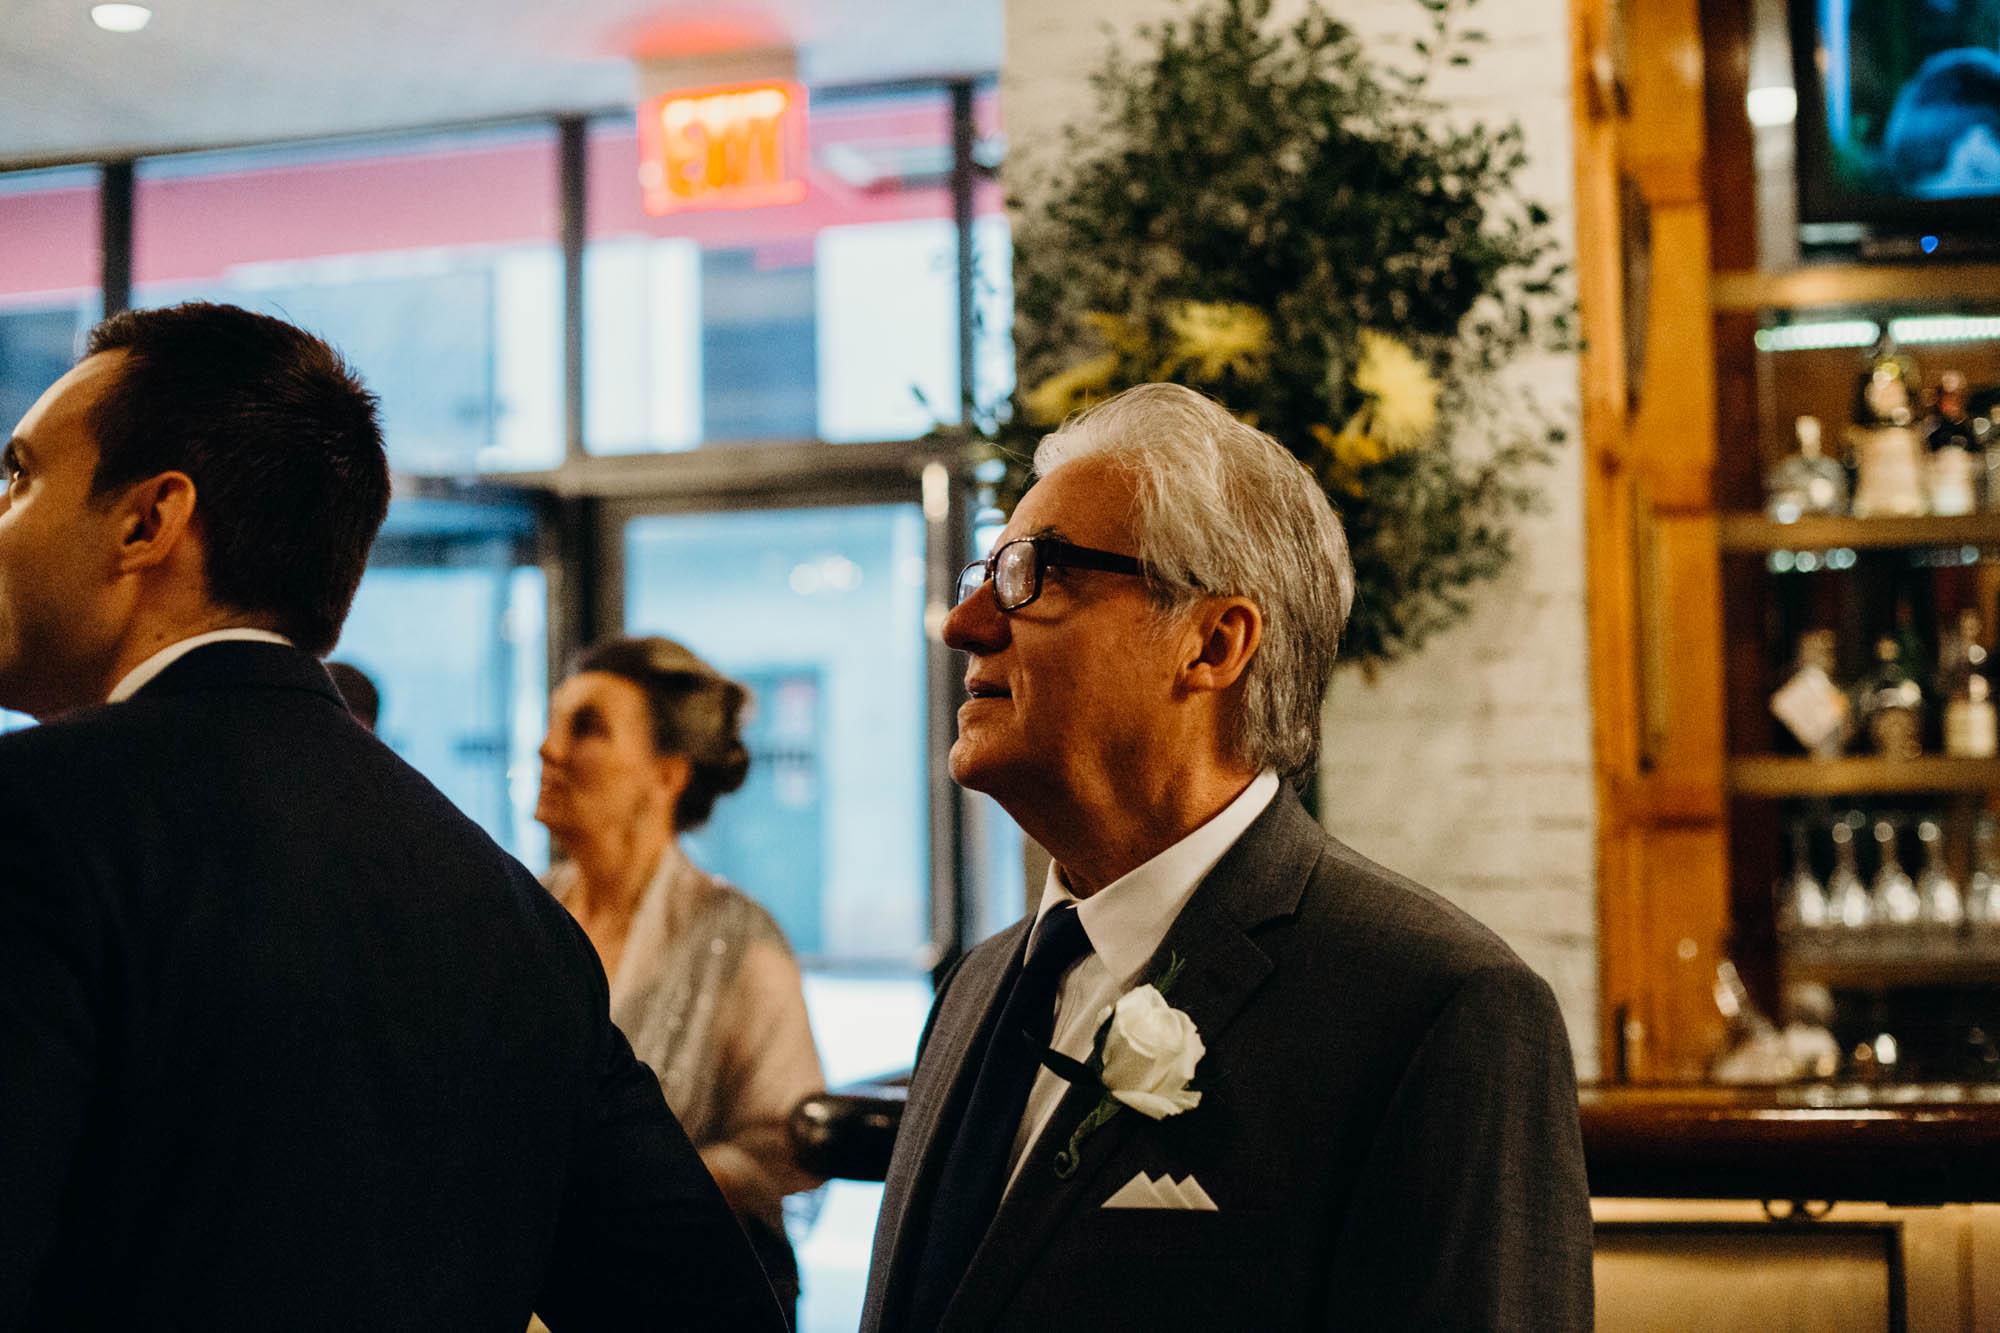 new-york-city-battery-gardens-restaurant-wedding-elizabethtsungphoto-5.jpg